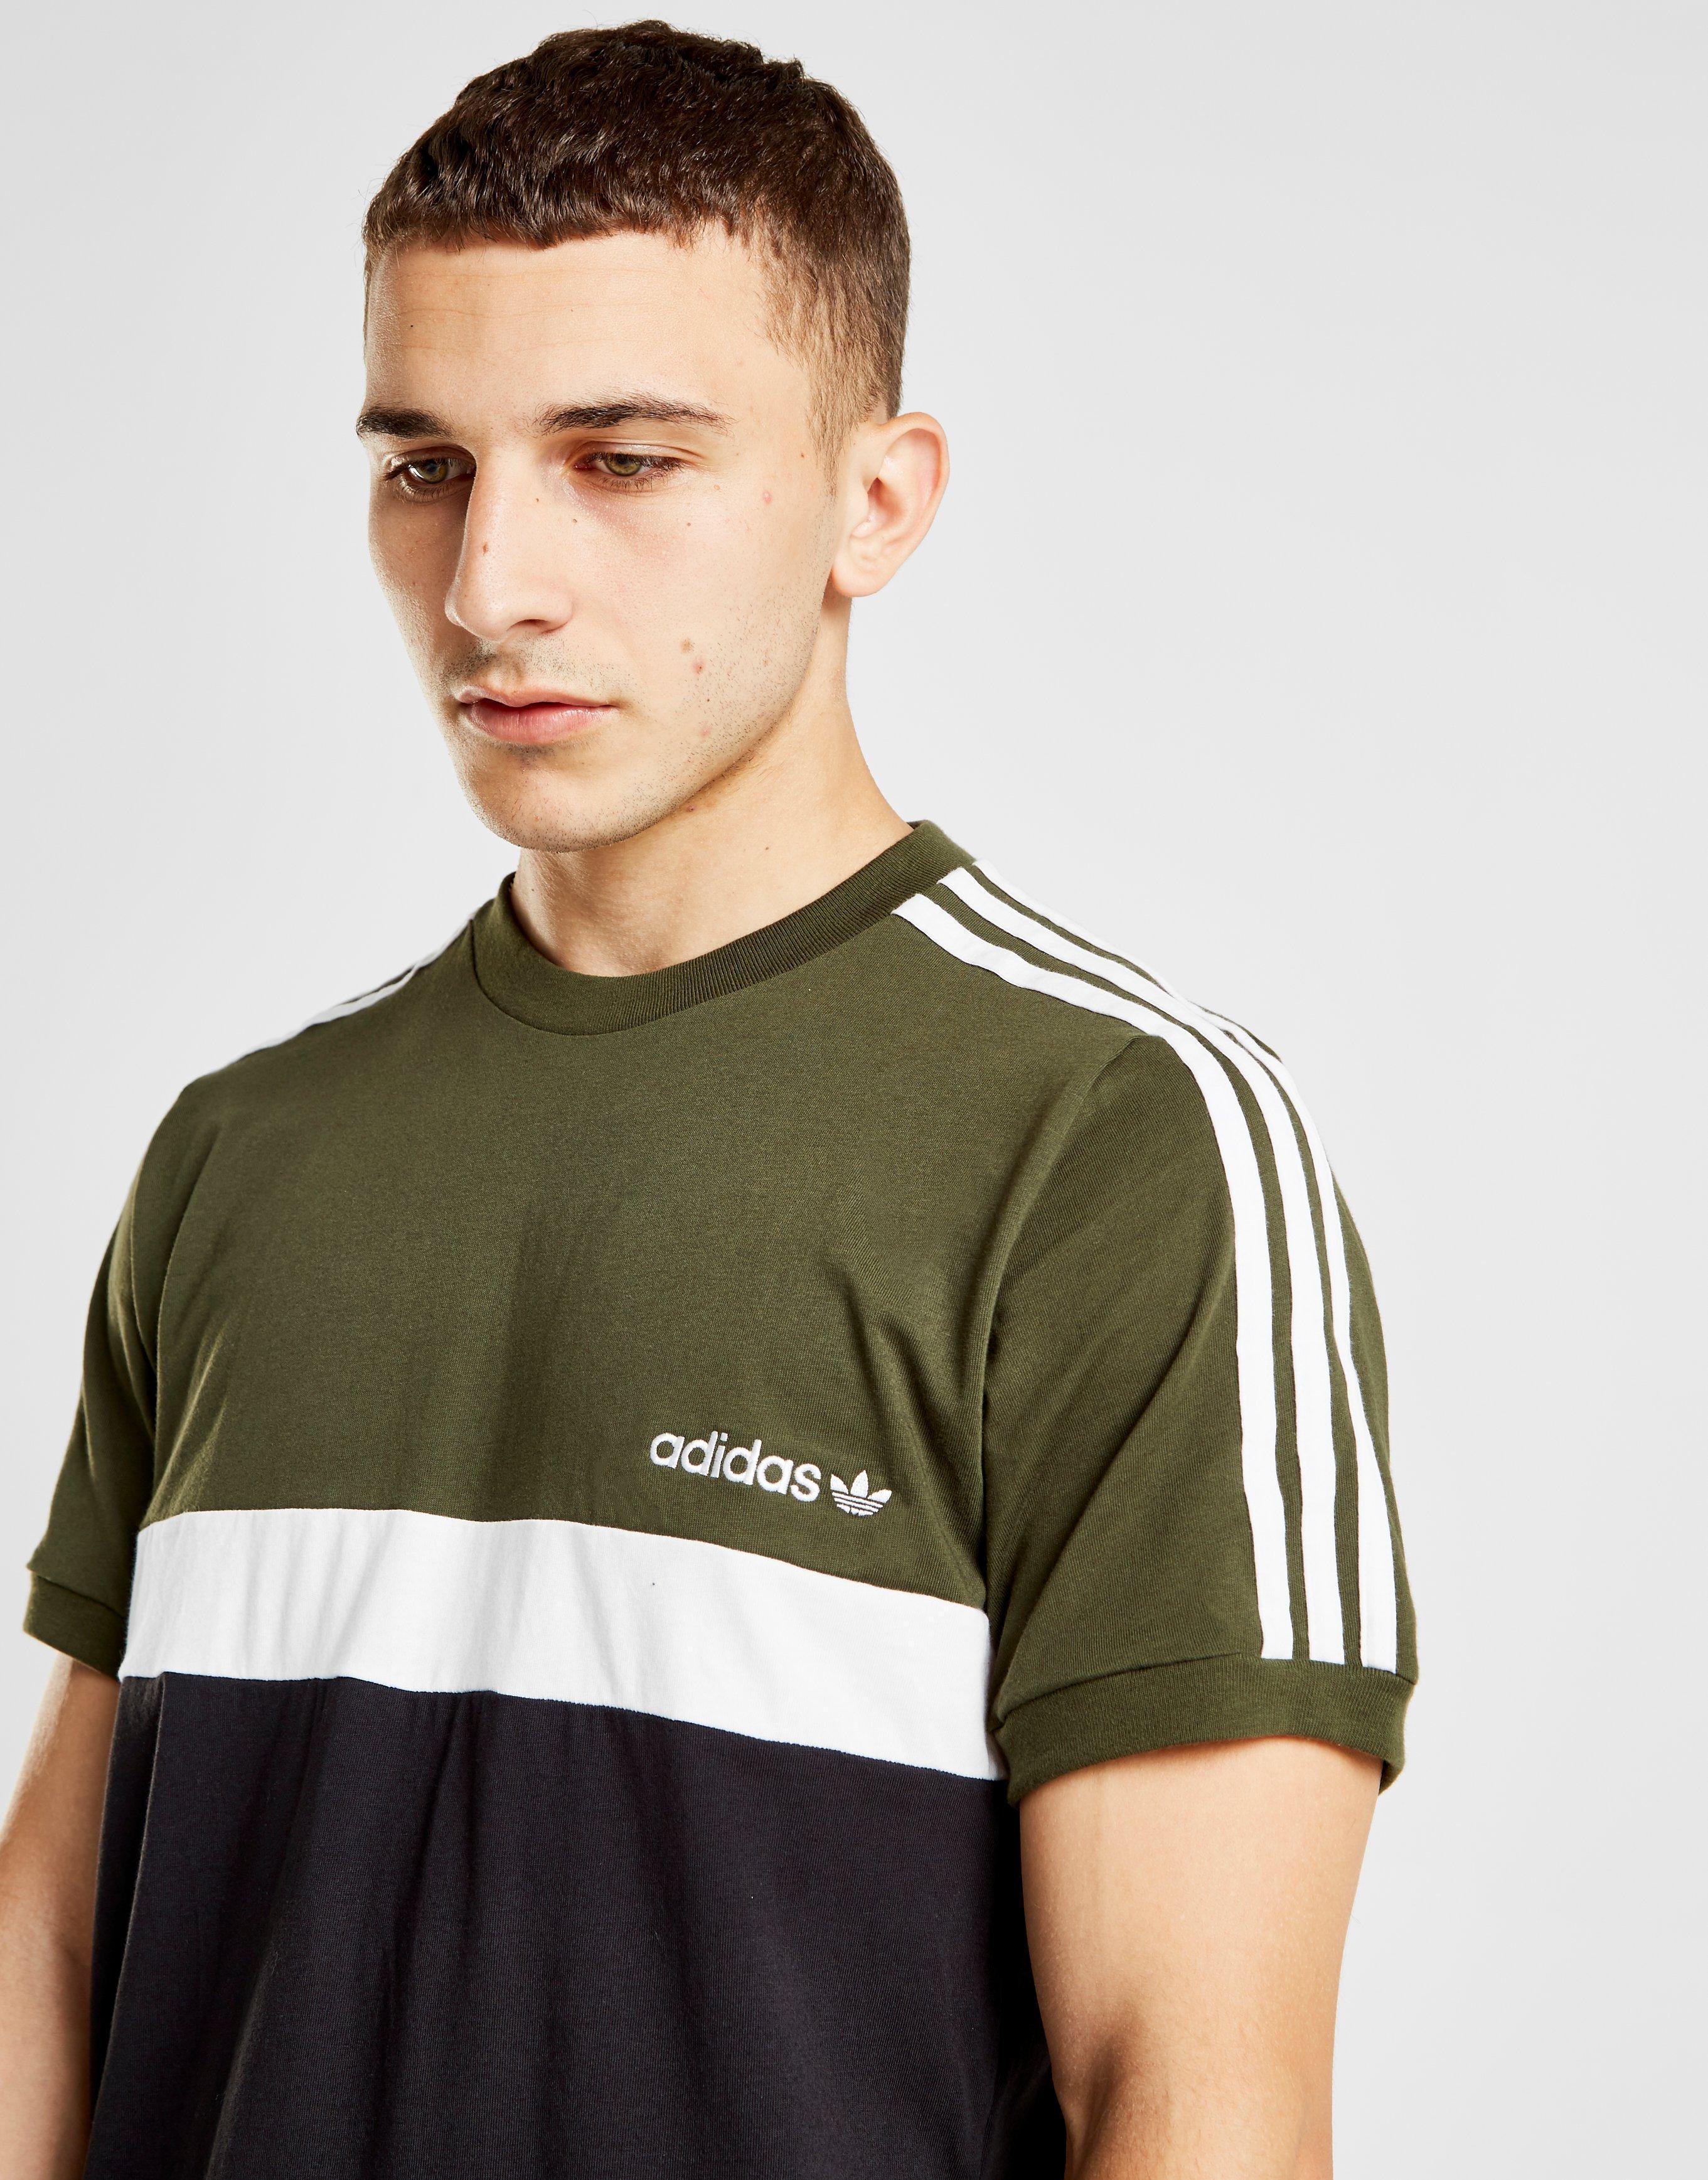 Color Itasca T Voor Adidas Zwart Lyst shirt In Originals Block Heren Nm0wv8nO